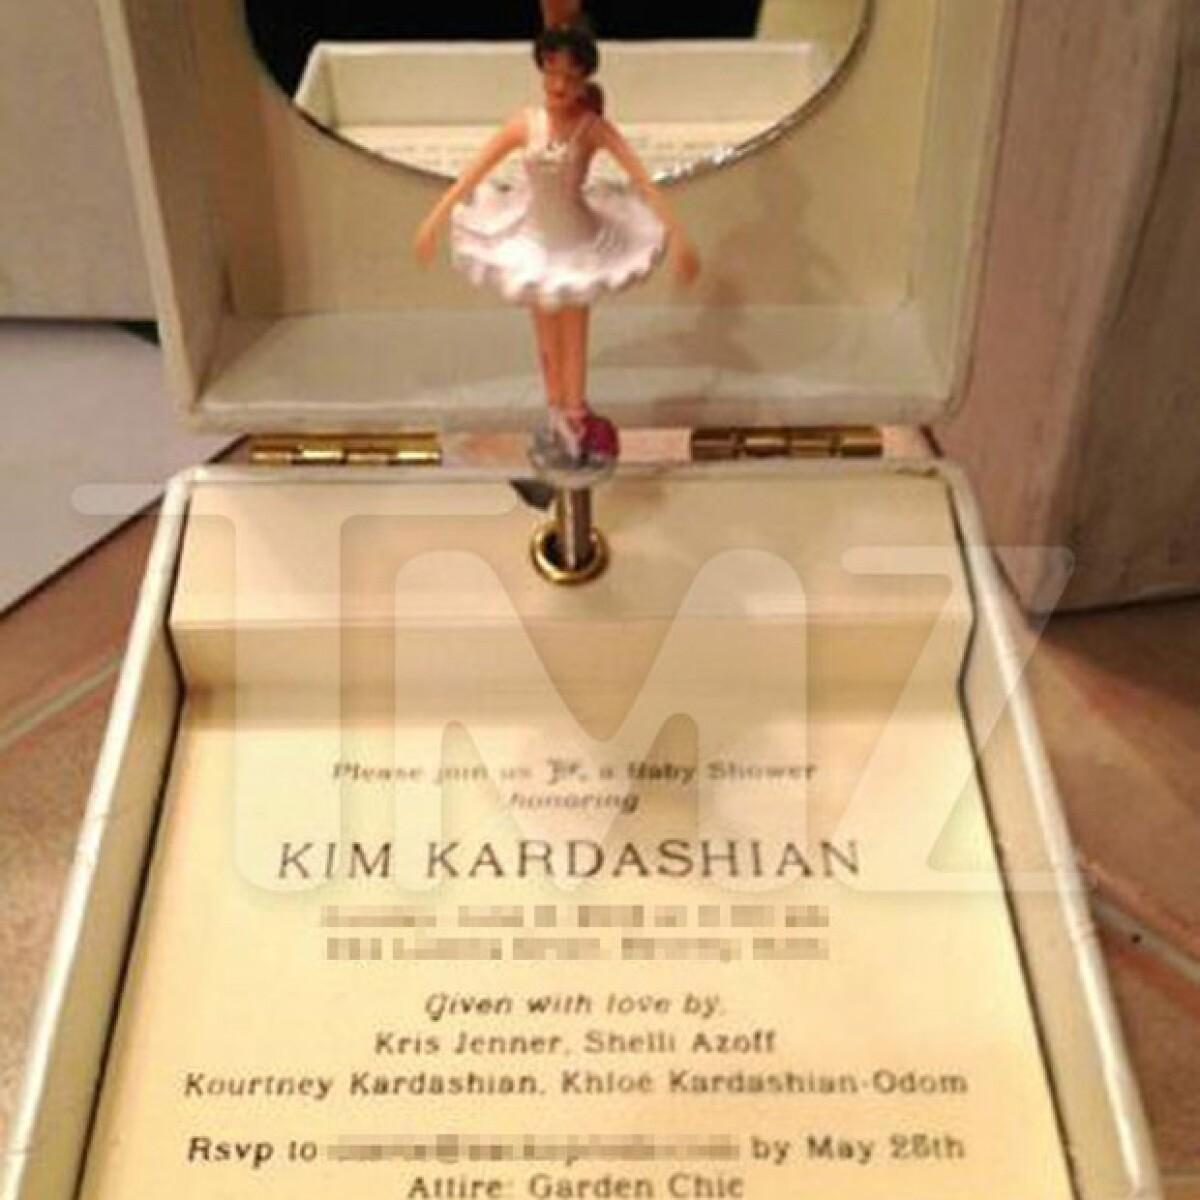 La original invitación al baby shower de Kim: una caja musical